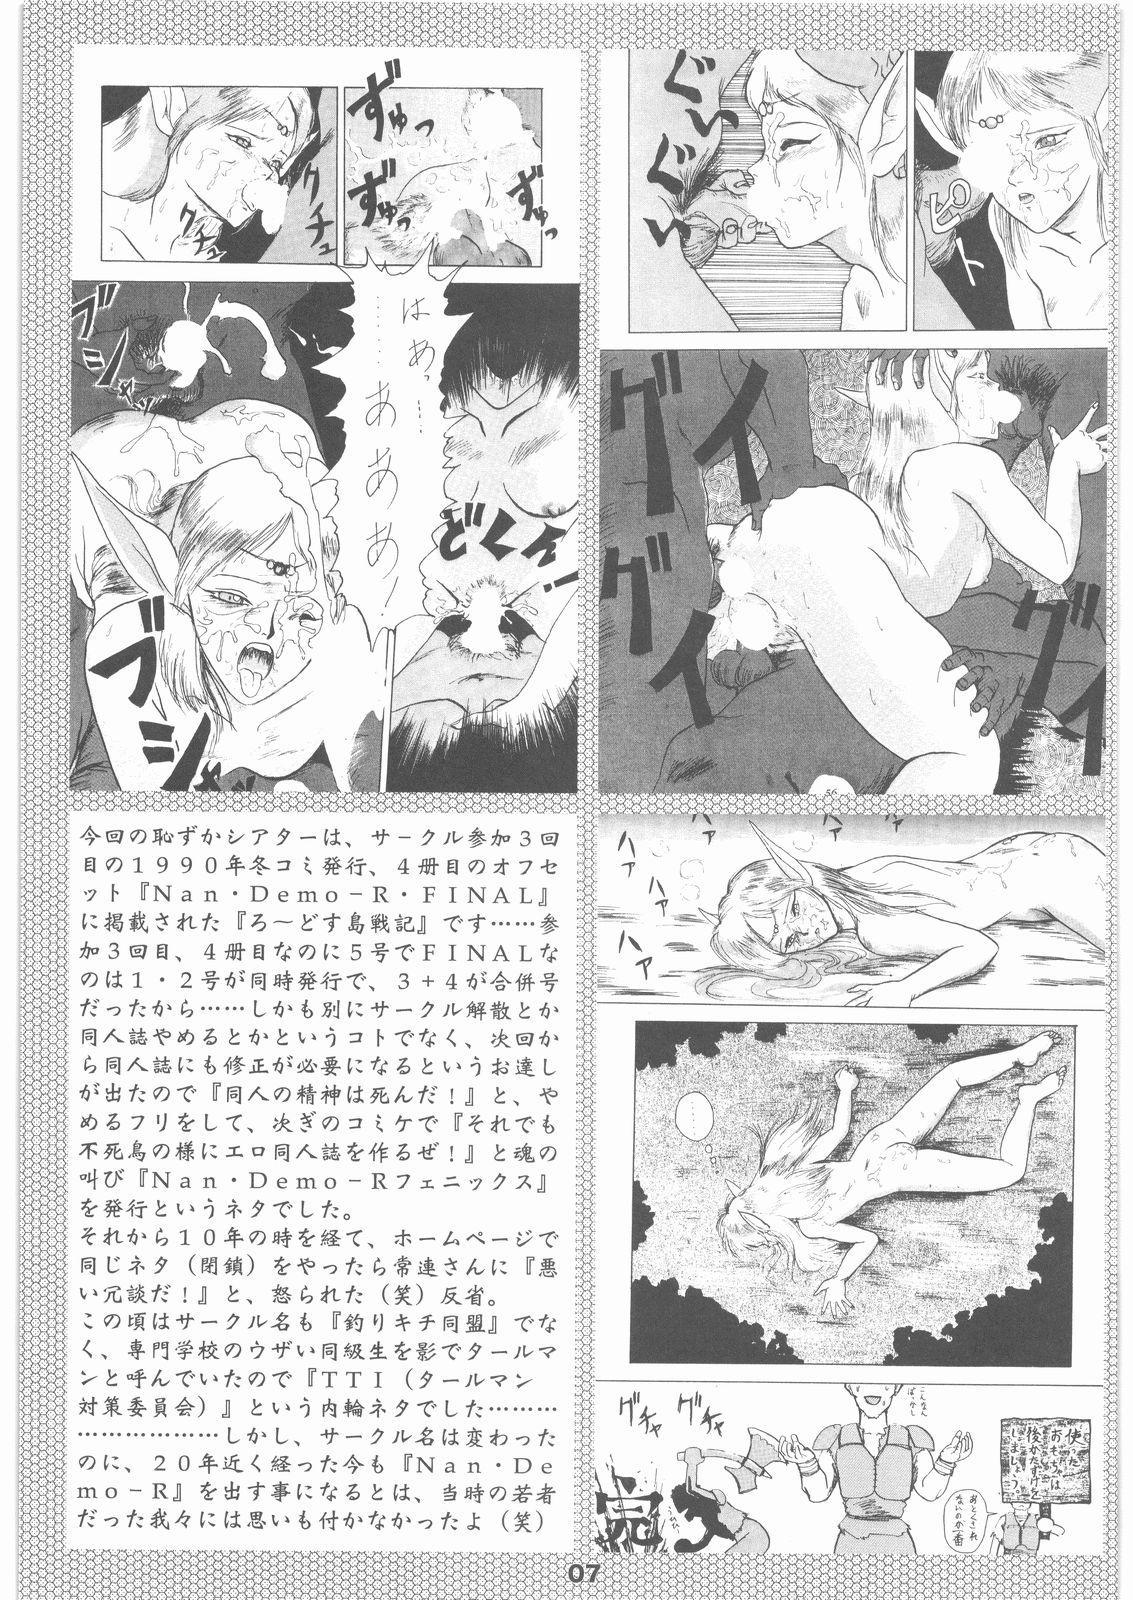 Umedamangashuu 12 Shito 5